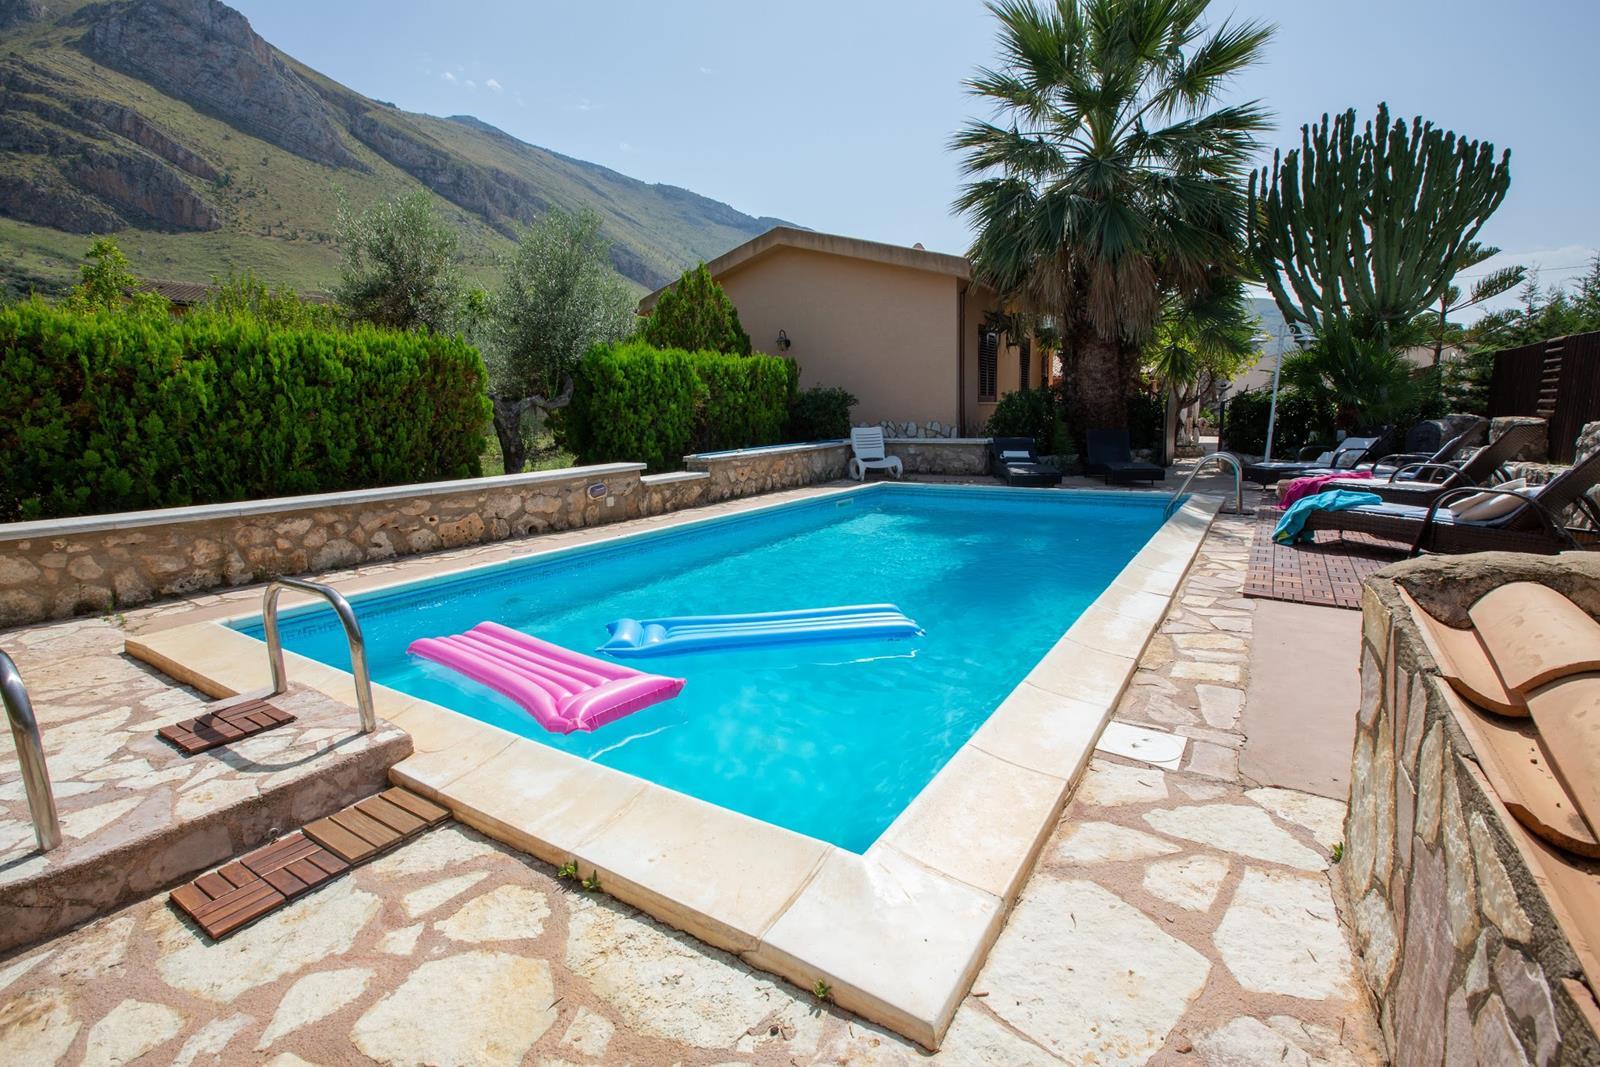 Vakantiehuis in Fraginesi met zwembad, in Sicilie.